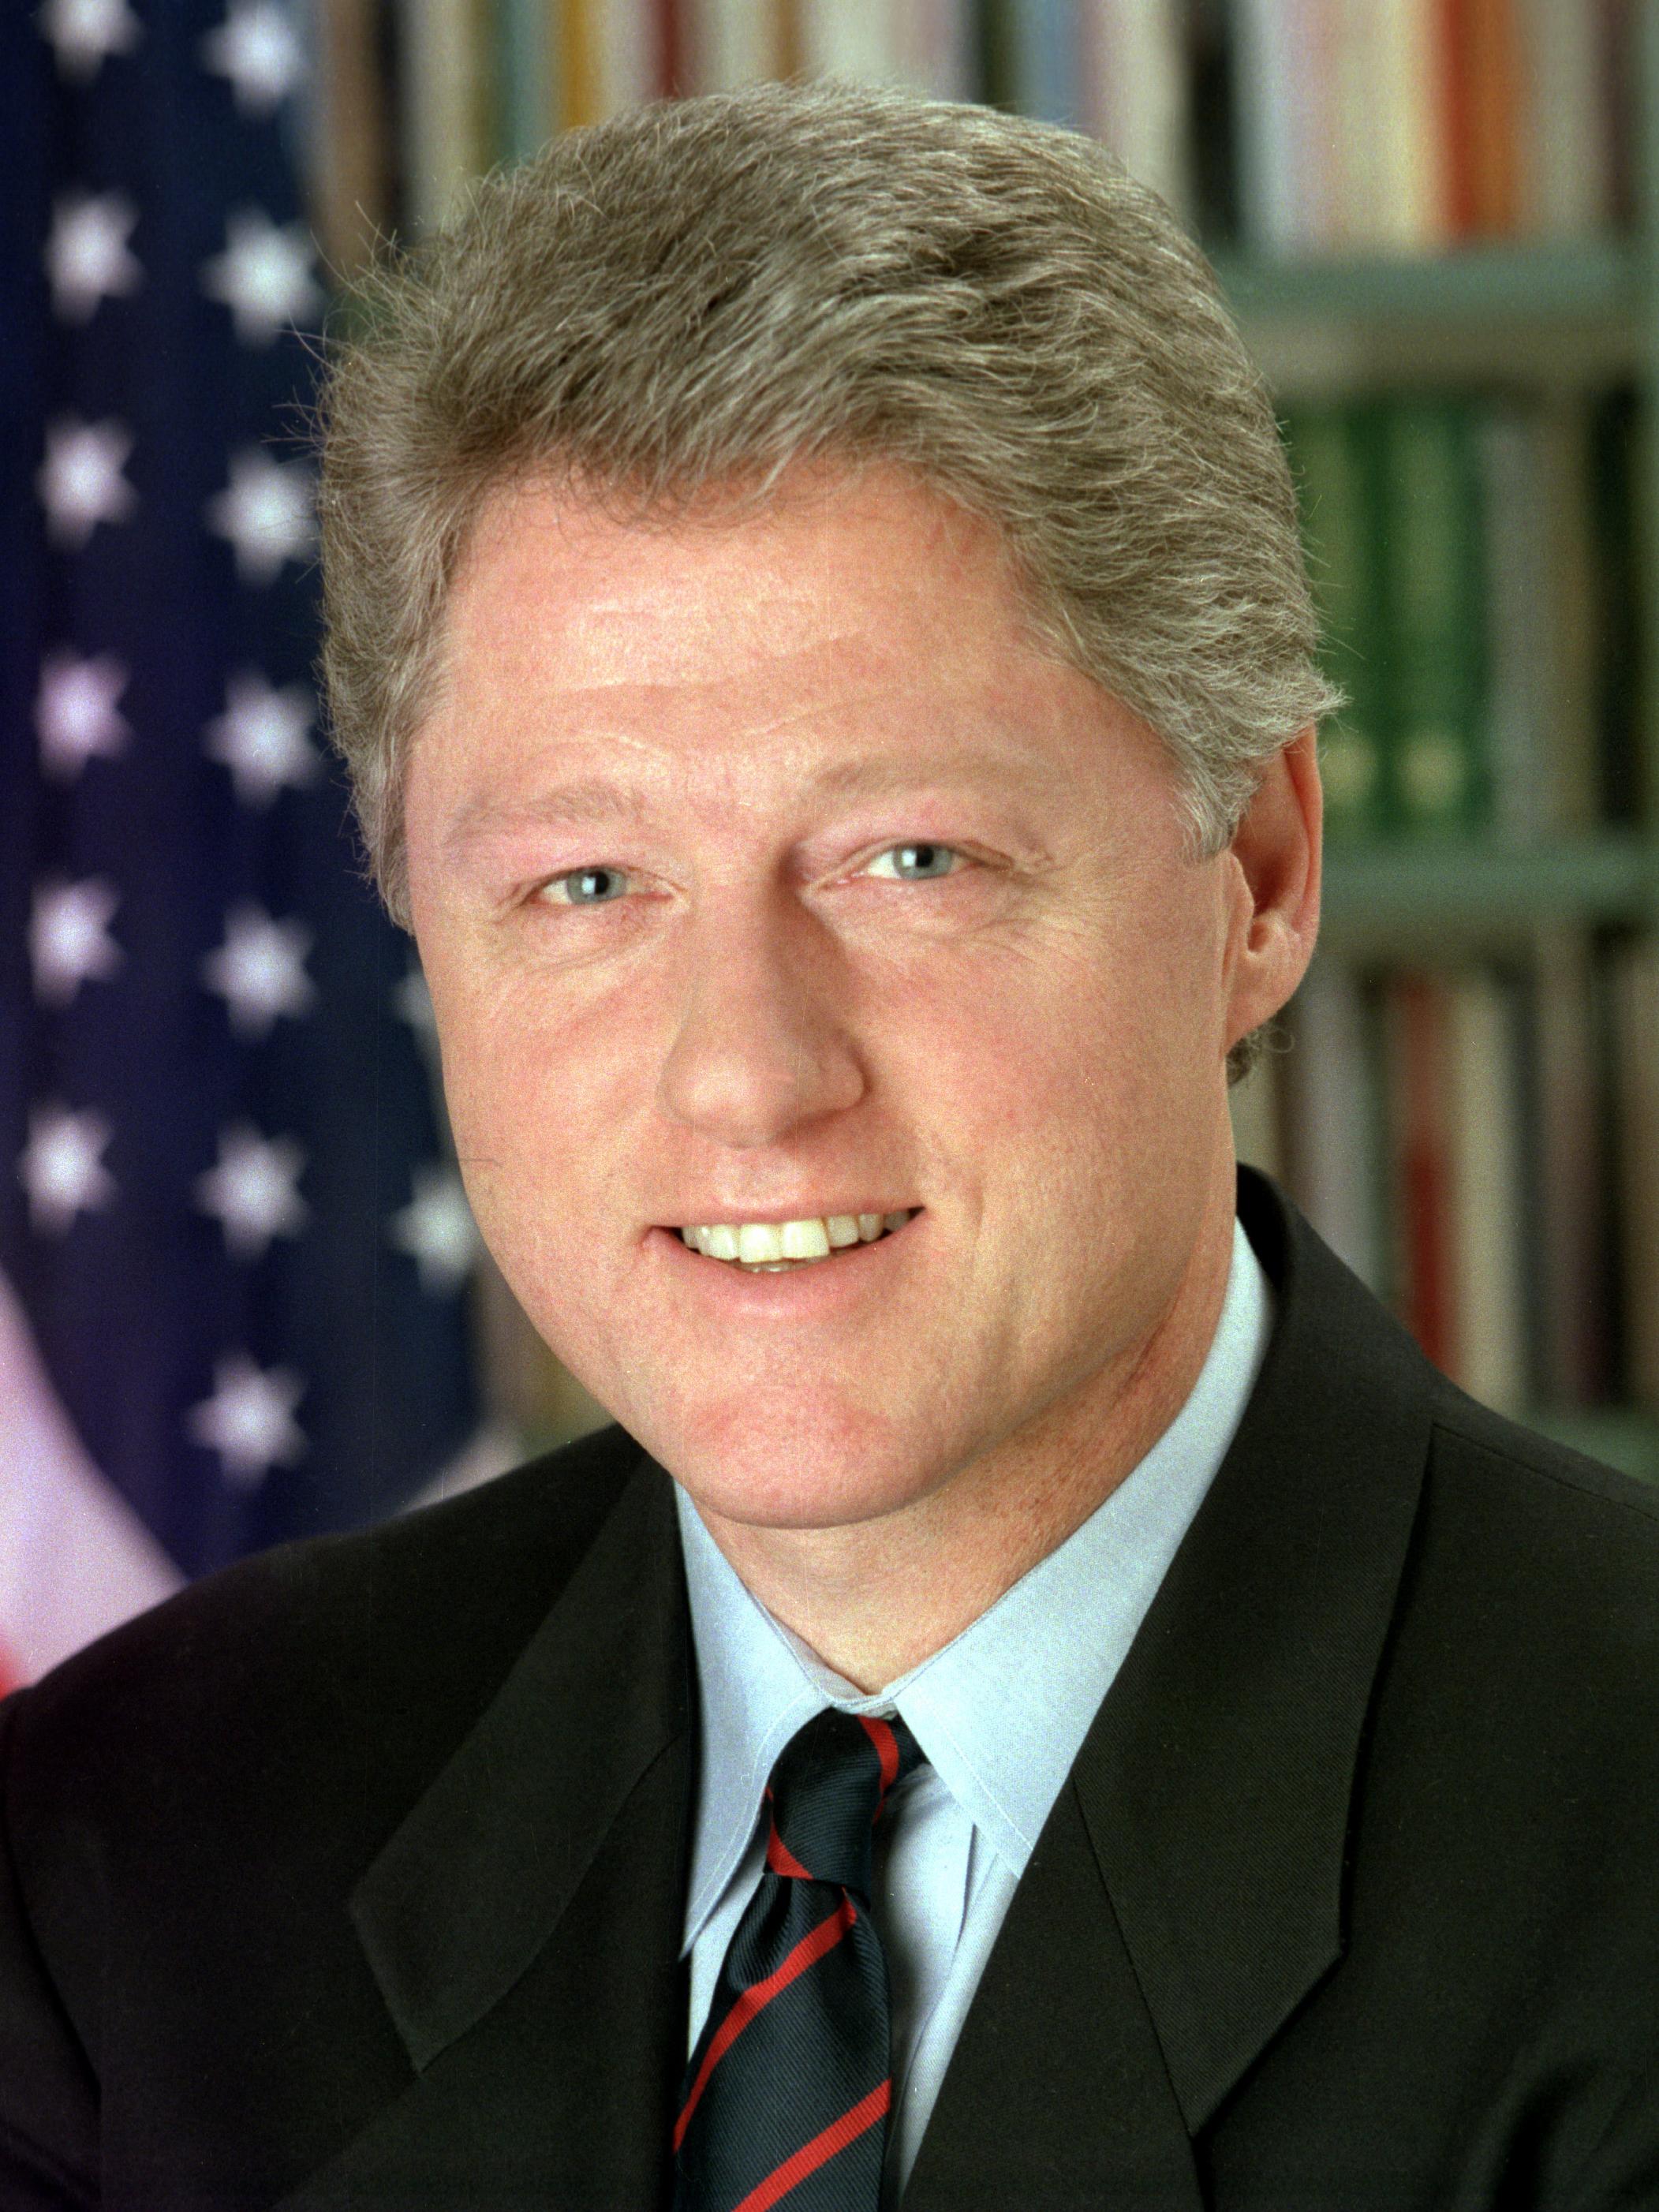 Former US President - Bill Clinton